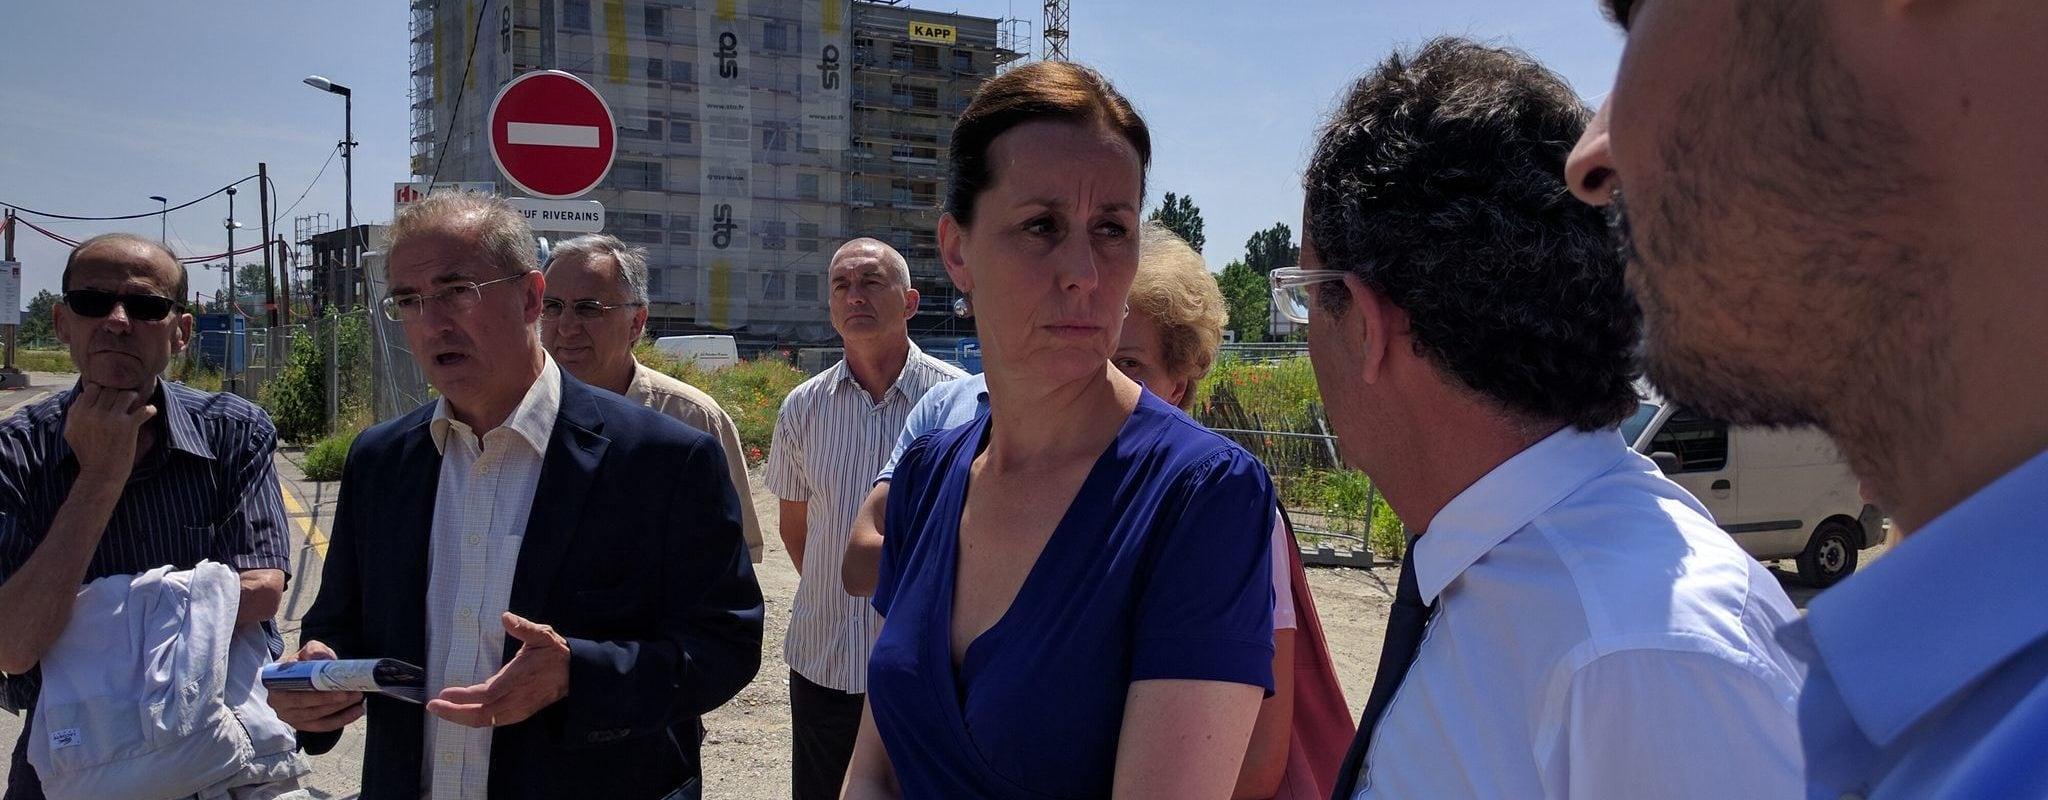 Plan d'urbanisme : Fabienne Keller dénonce «sept erreurs»